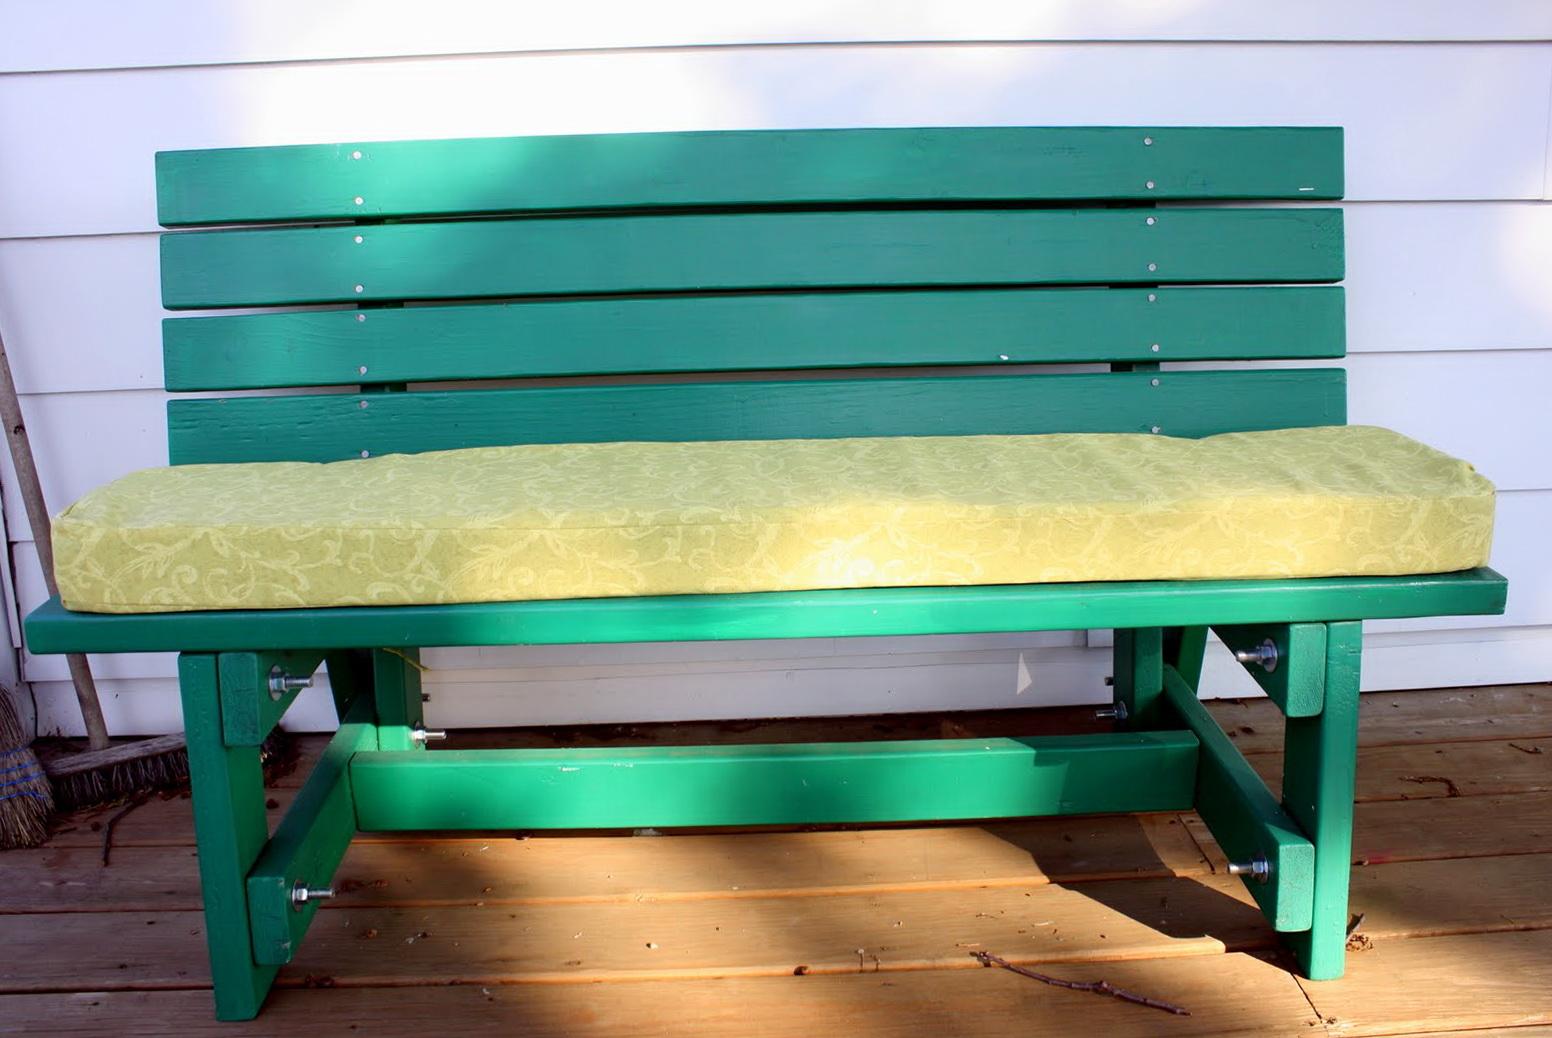 Make Cushion For Bench